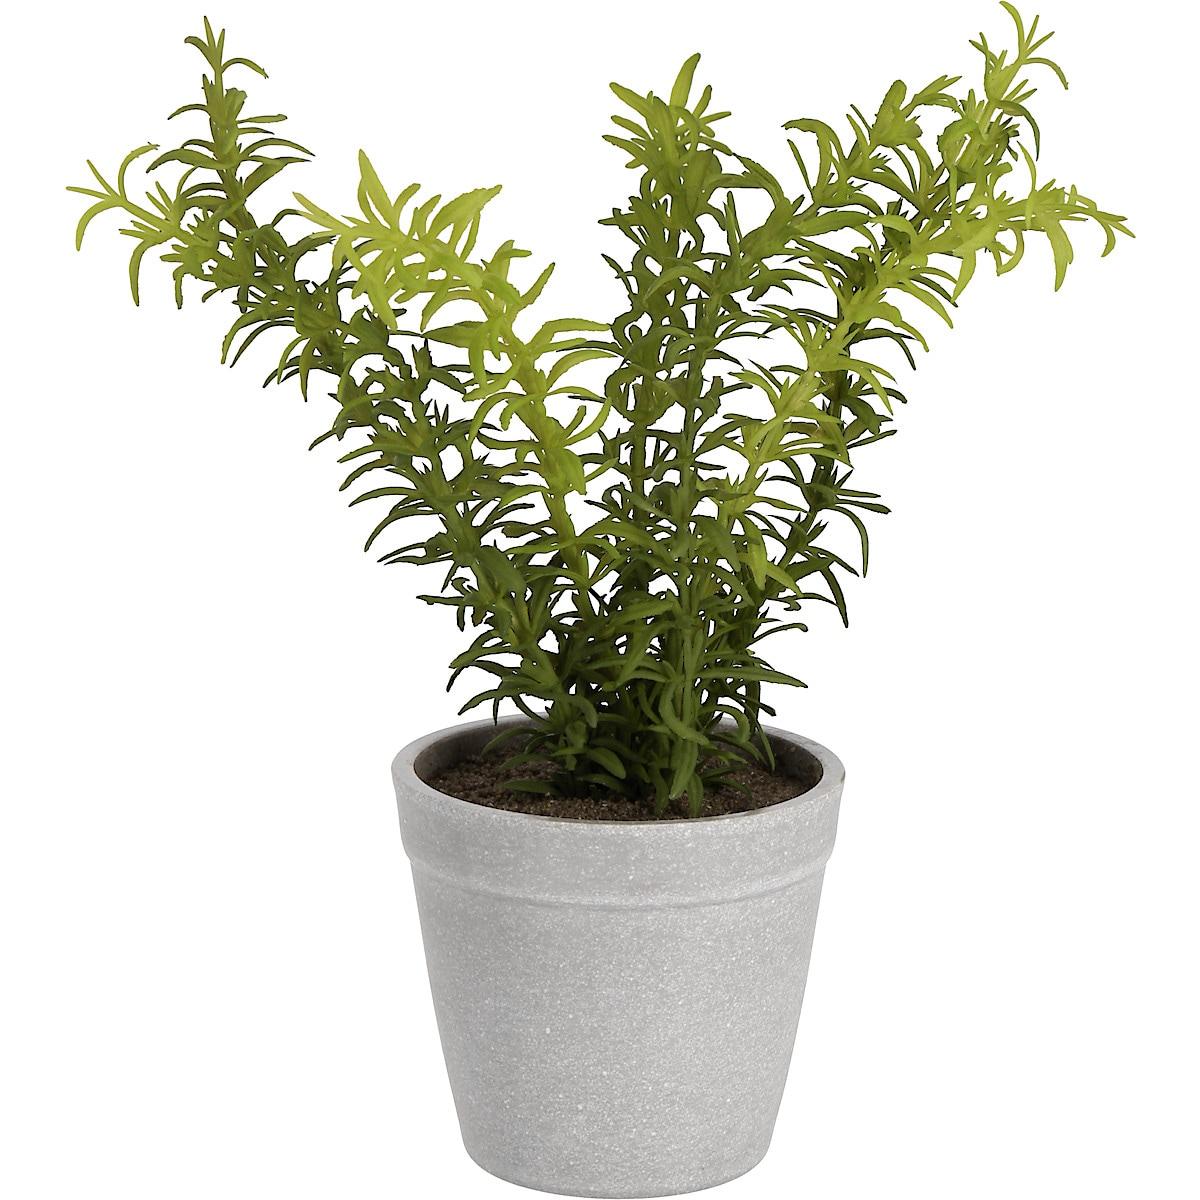 Kryddväxt konstväxt 24 cm